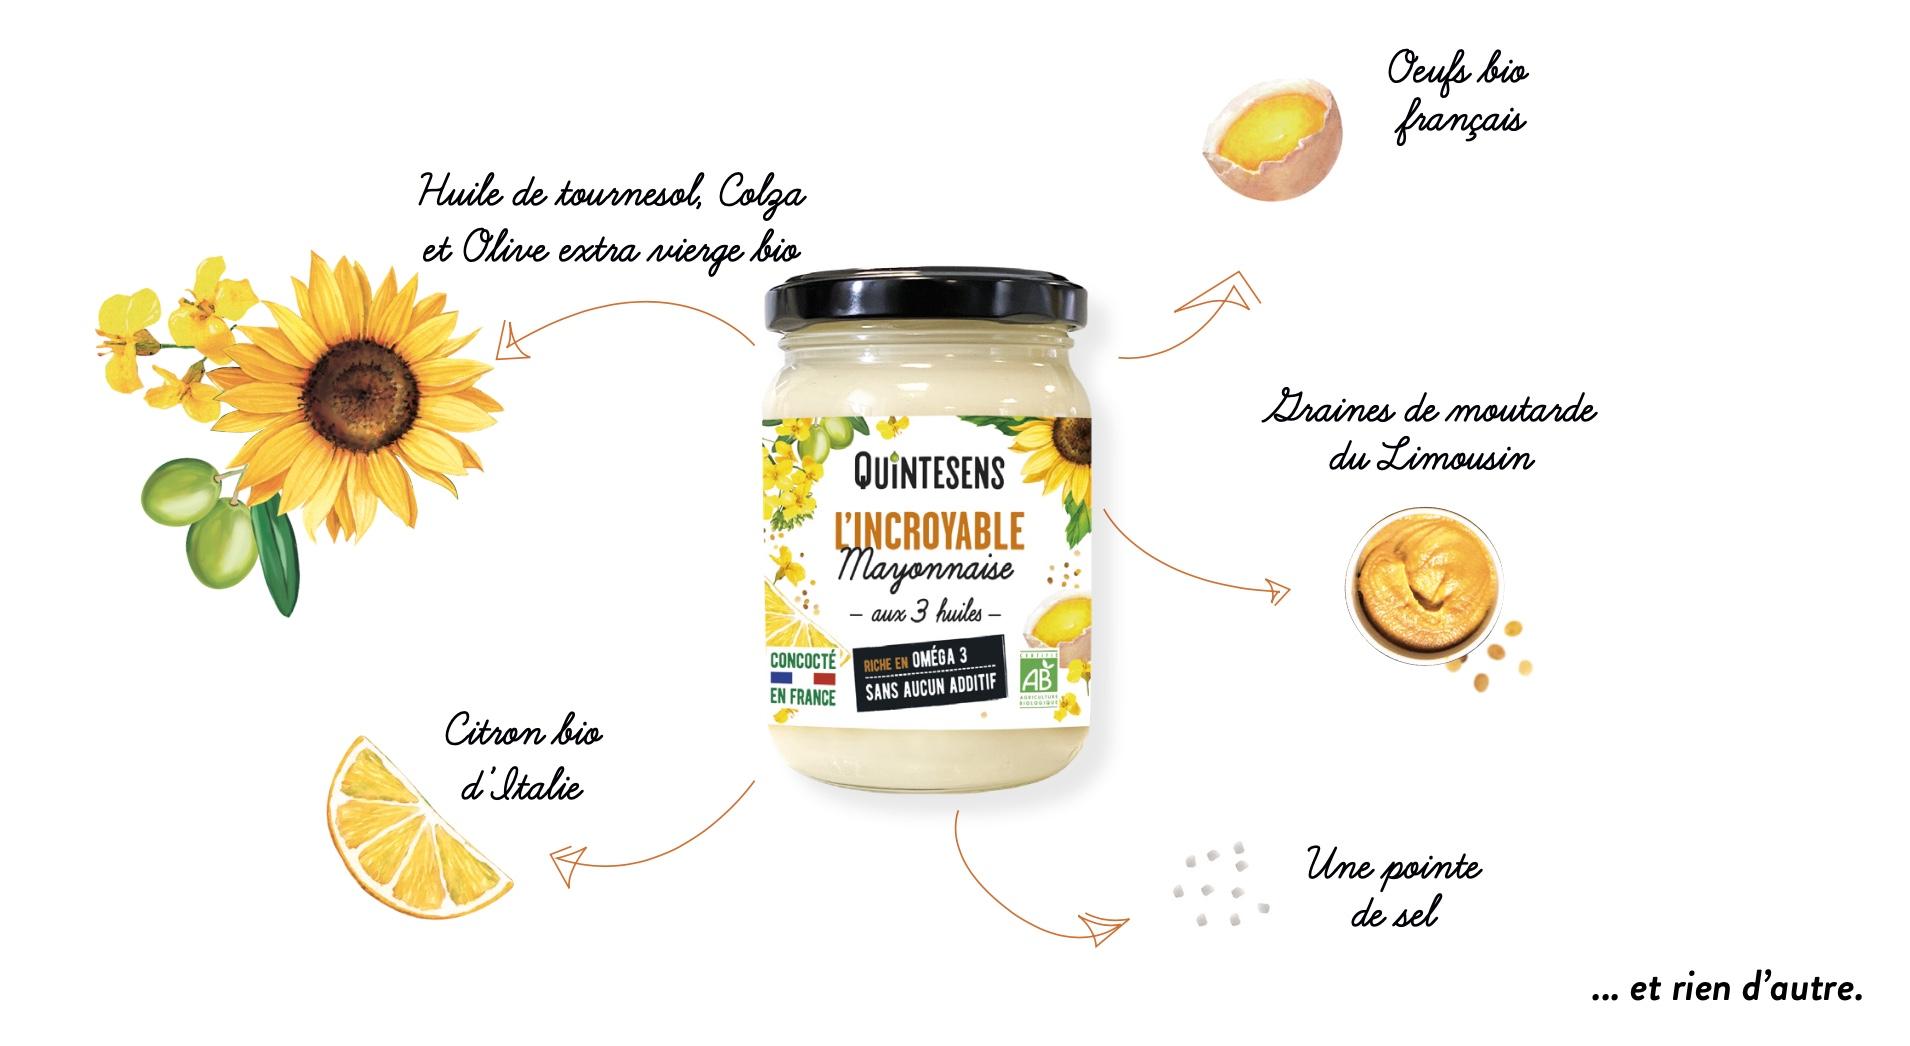 Capture decran 2021 02 19 a 15.38.18 - L'INCROYABLE Mayonnaise : Bio, saine, gourmande et française